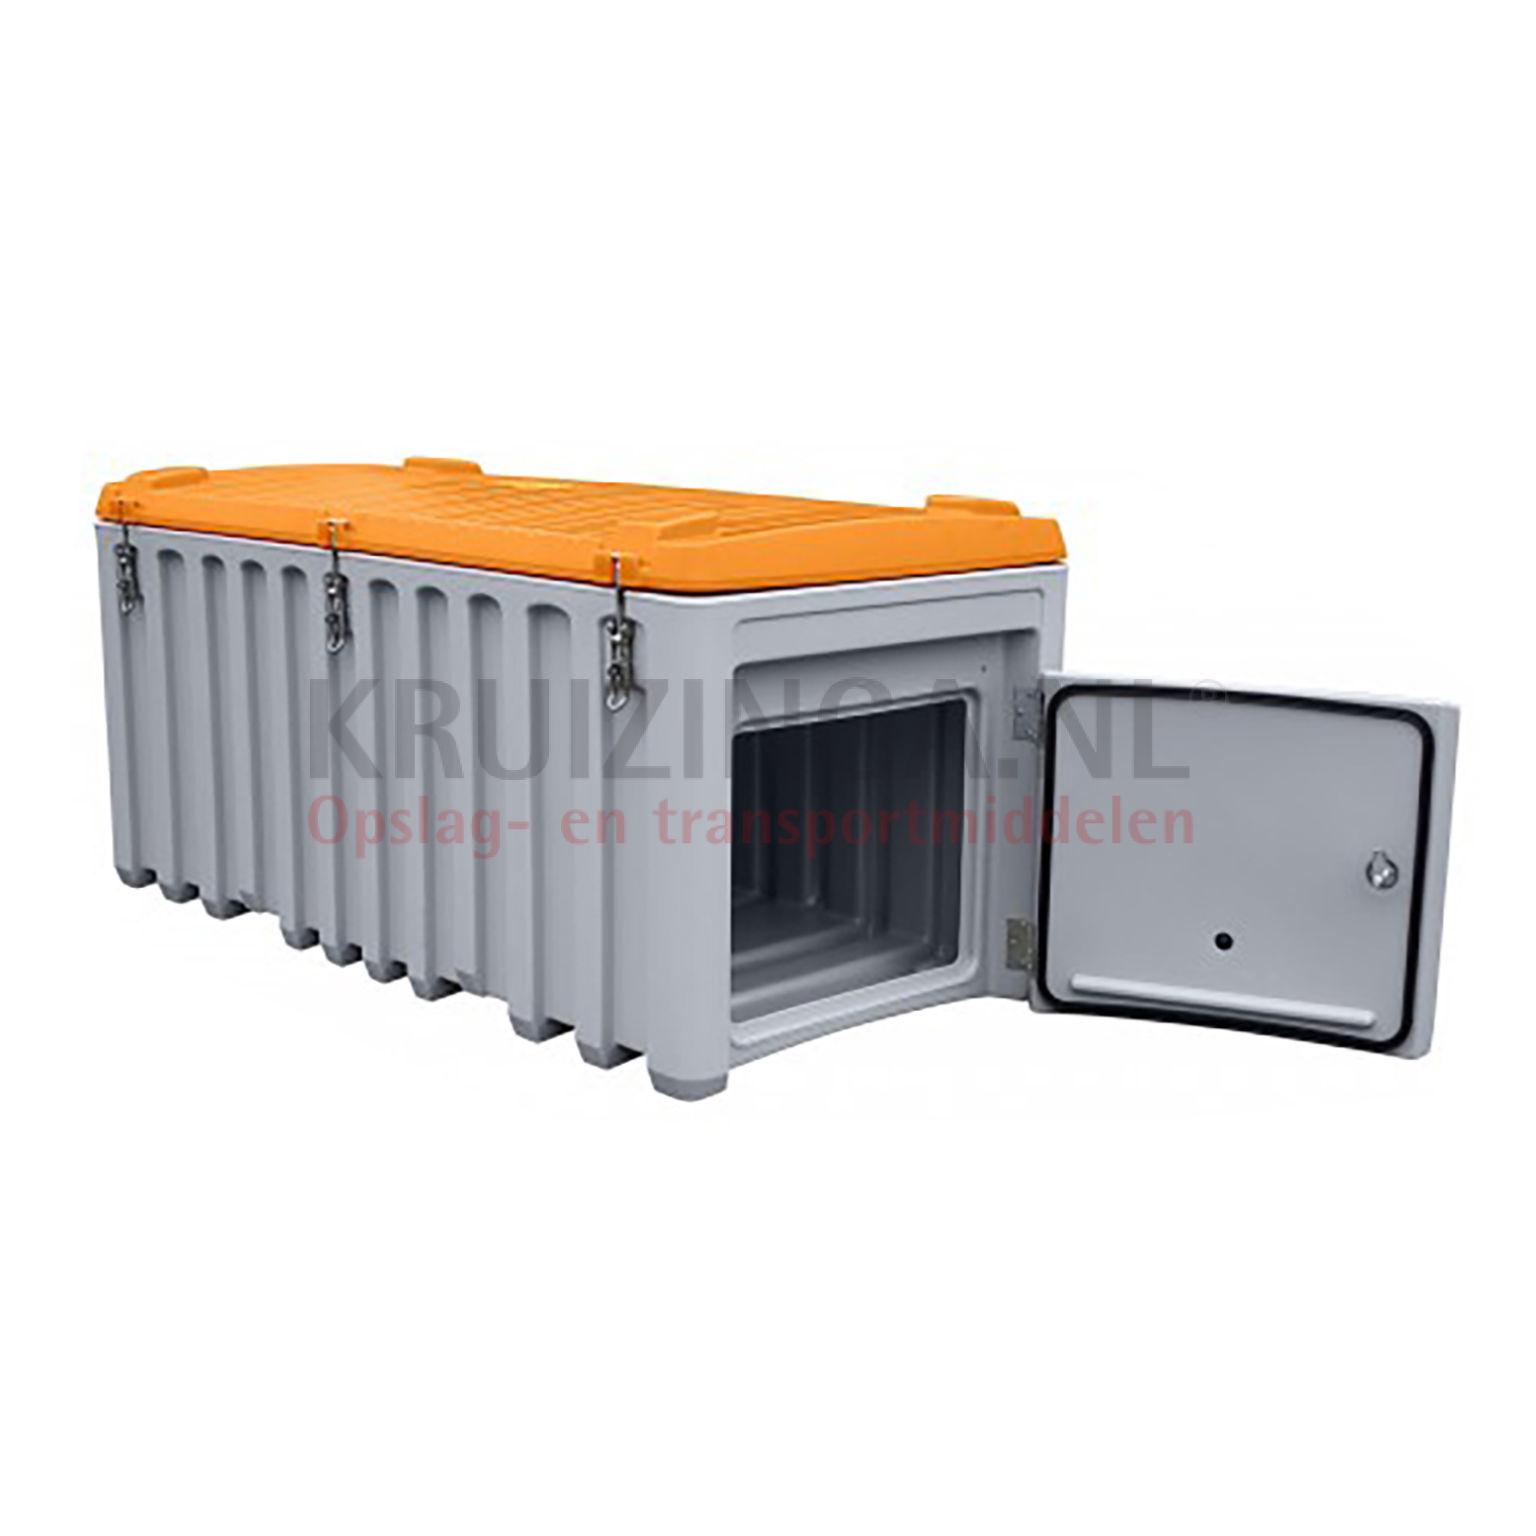 sicherheitsbox werkzeug sicherungs box abschlie bar seitent r 500x450 ab 909 25 frei haus. Black Bedroom Furniture Sets. Home Design Ideas